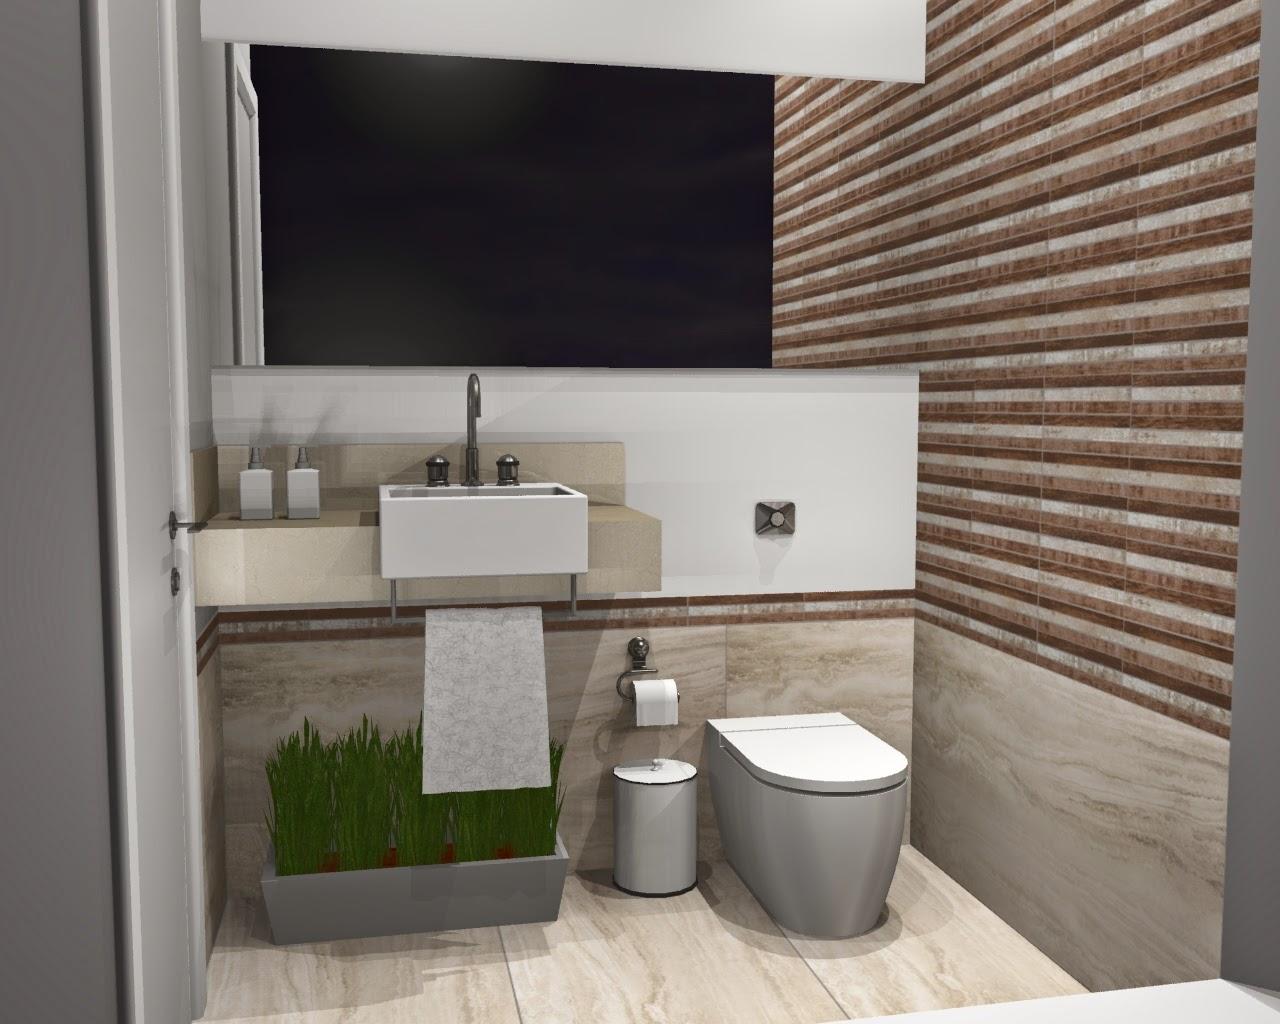 BANHEIRO 7: Na verdade lavabo de área gourmet. #614B3C 1280x1024 Banheiro Com Porcelanato Concreto